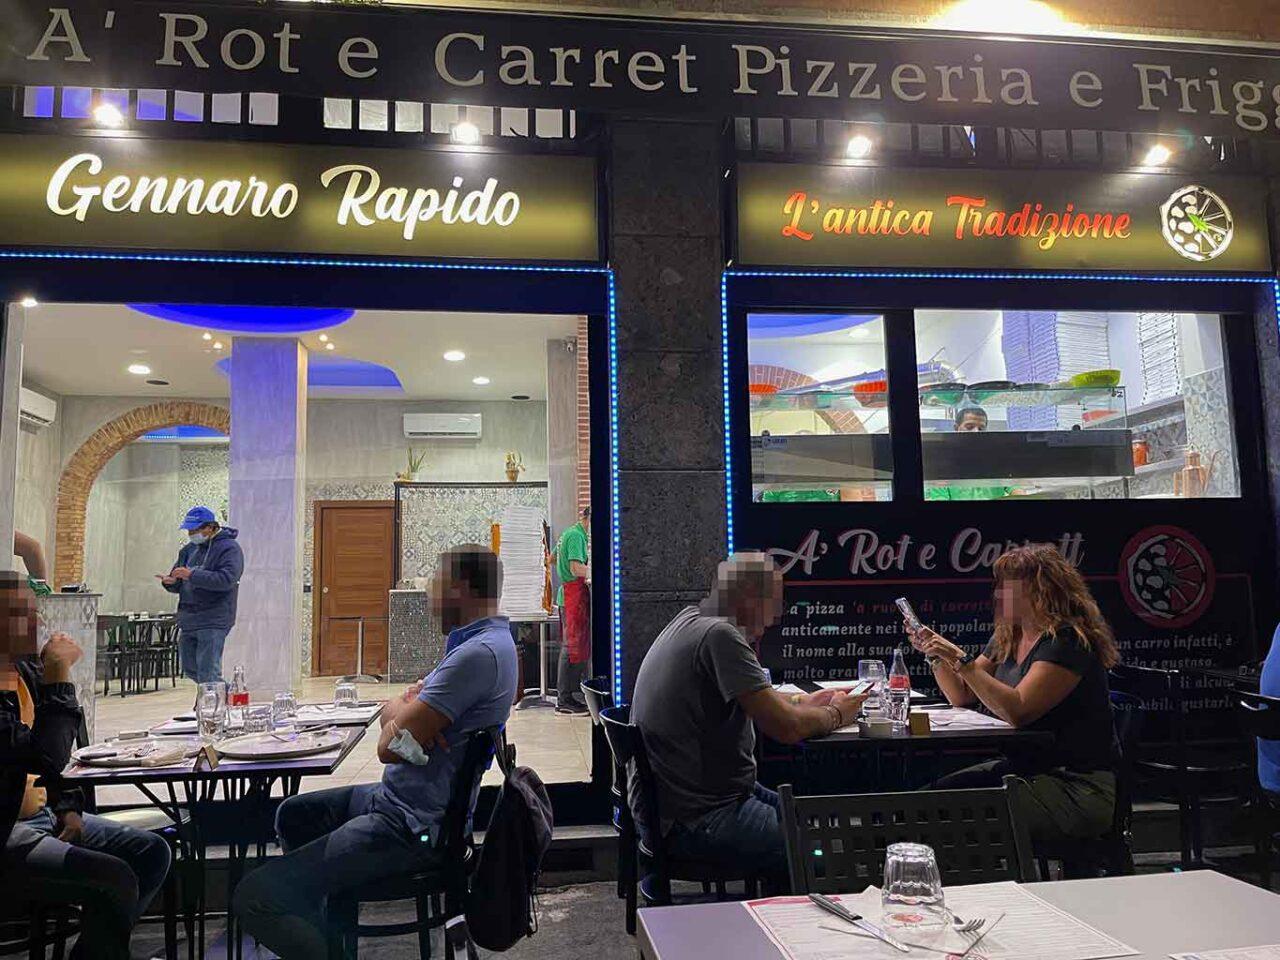 pizzeria a rot e carrett Gennaro Rapido Milano